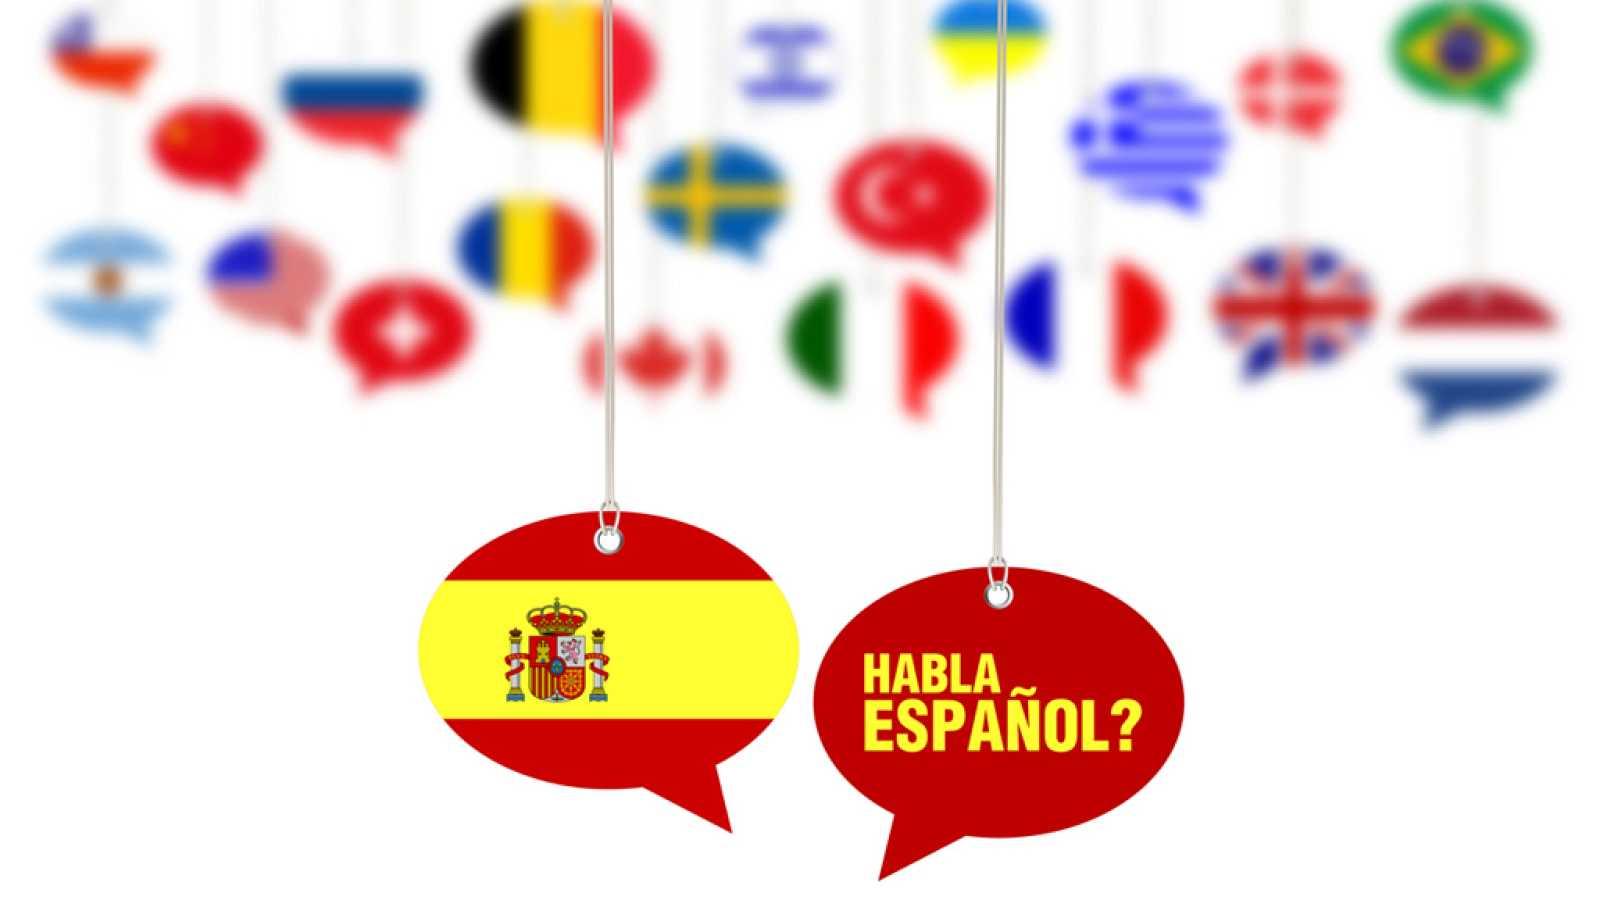 Punto de enlace - Acuerdo entre el Instituto Cervantes y Prisiones para enseñar español - 10/07/19 - Escuchar ahora